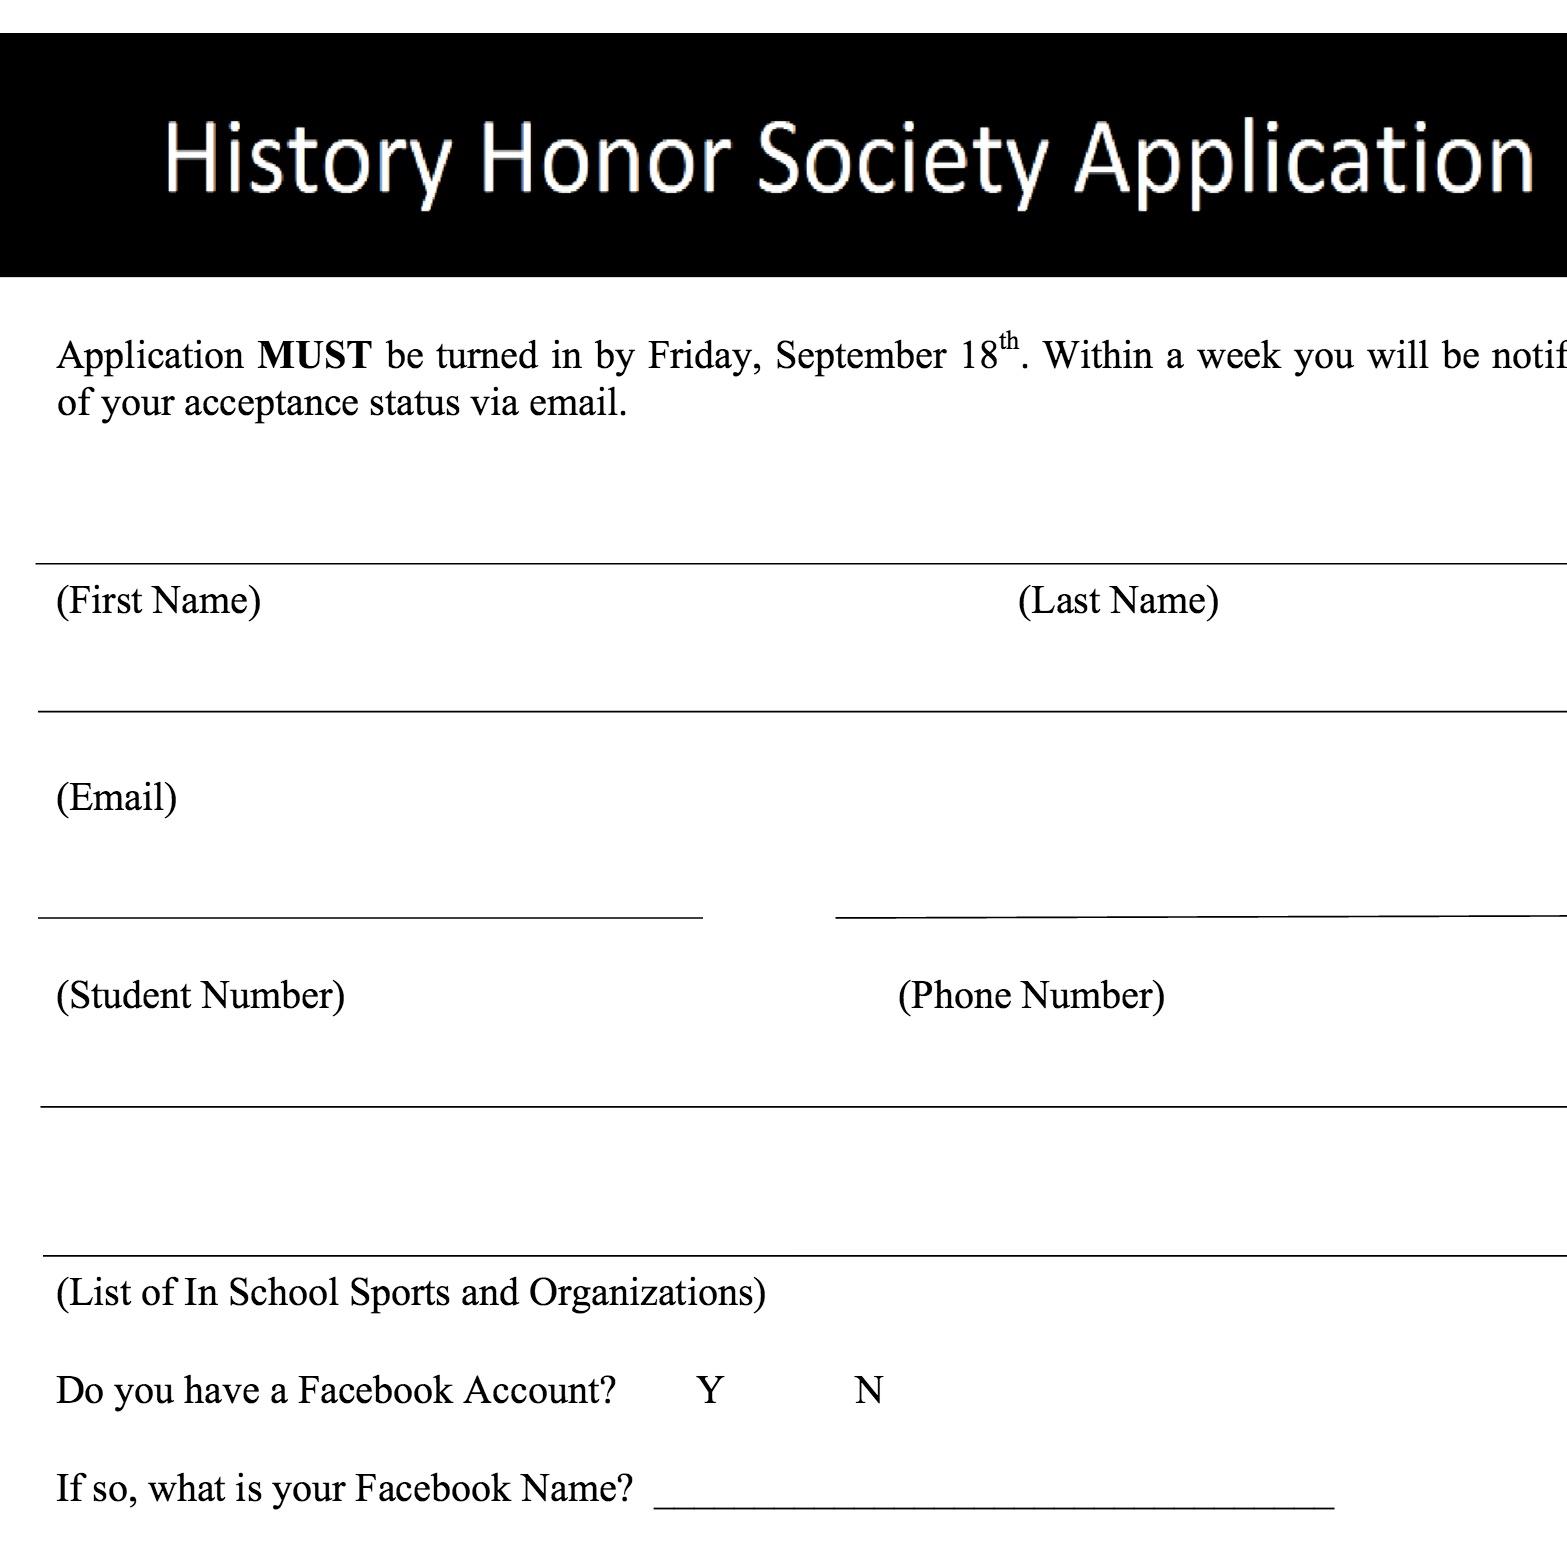 History Honor Society application